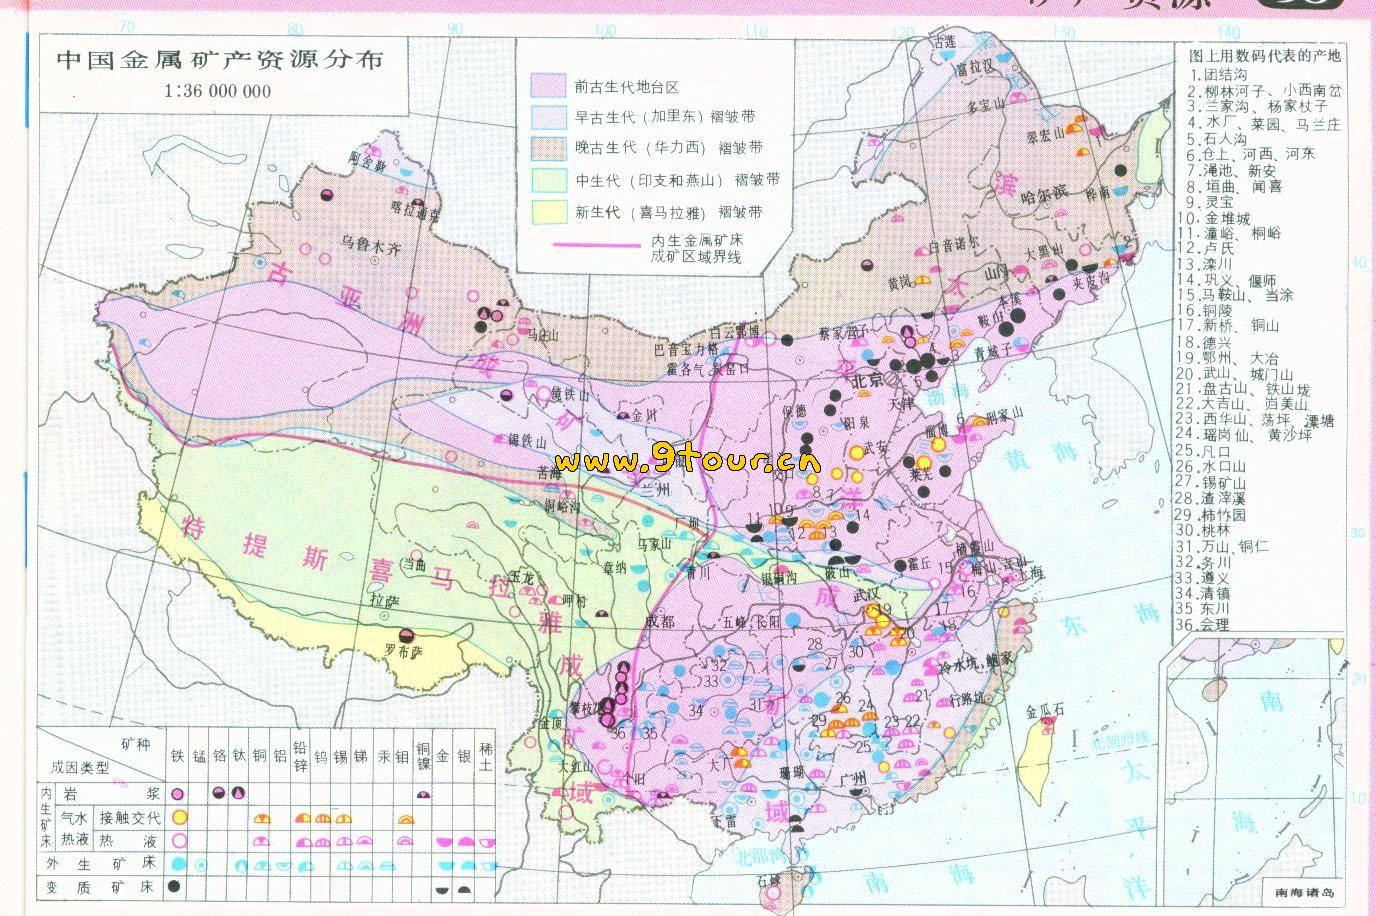 中国资源分布图